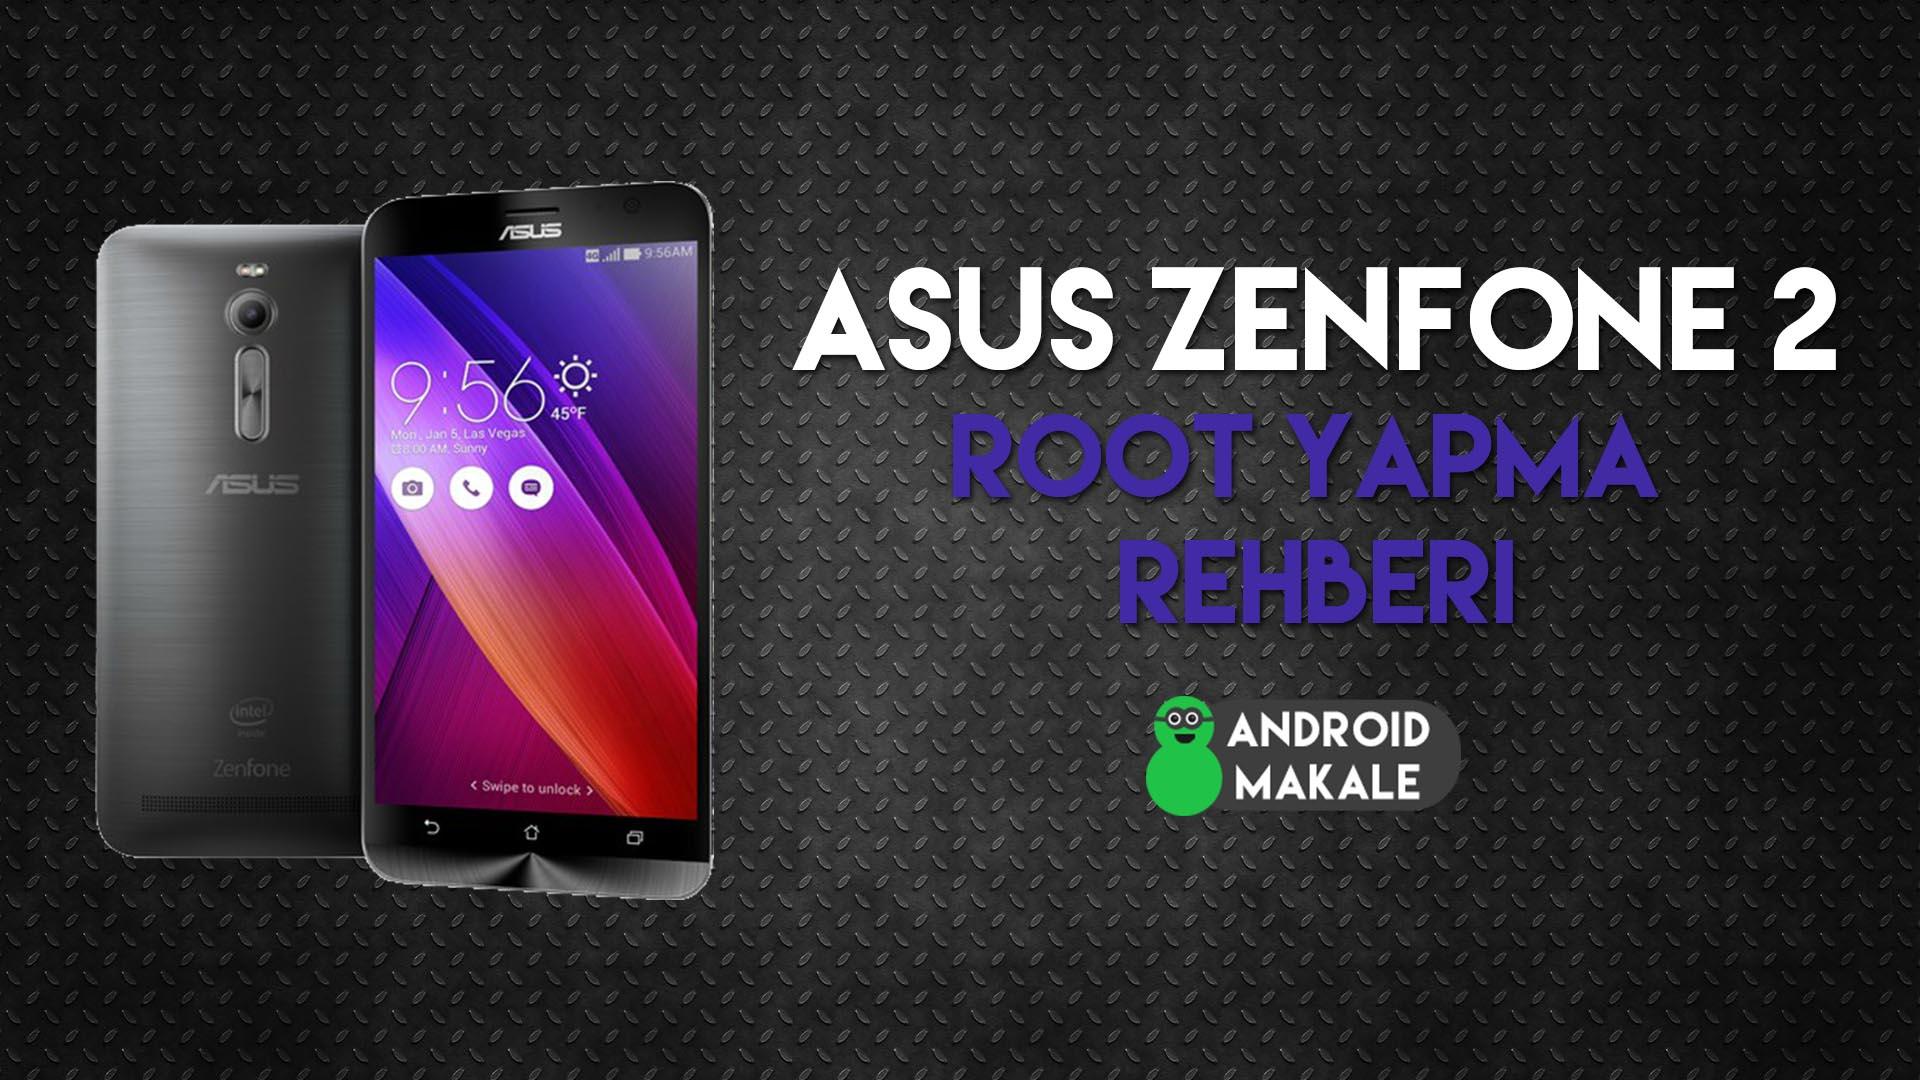 Photo of Asus Zenfone 2 Root Yapma Rehberi